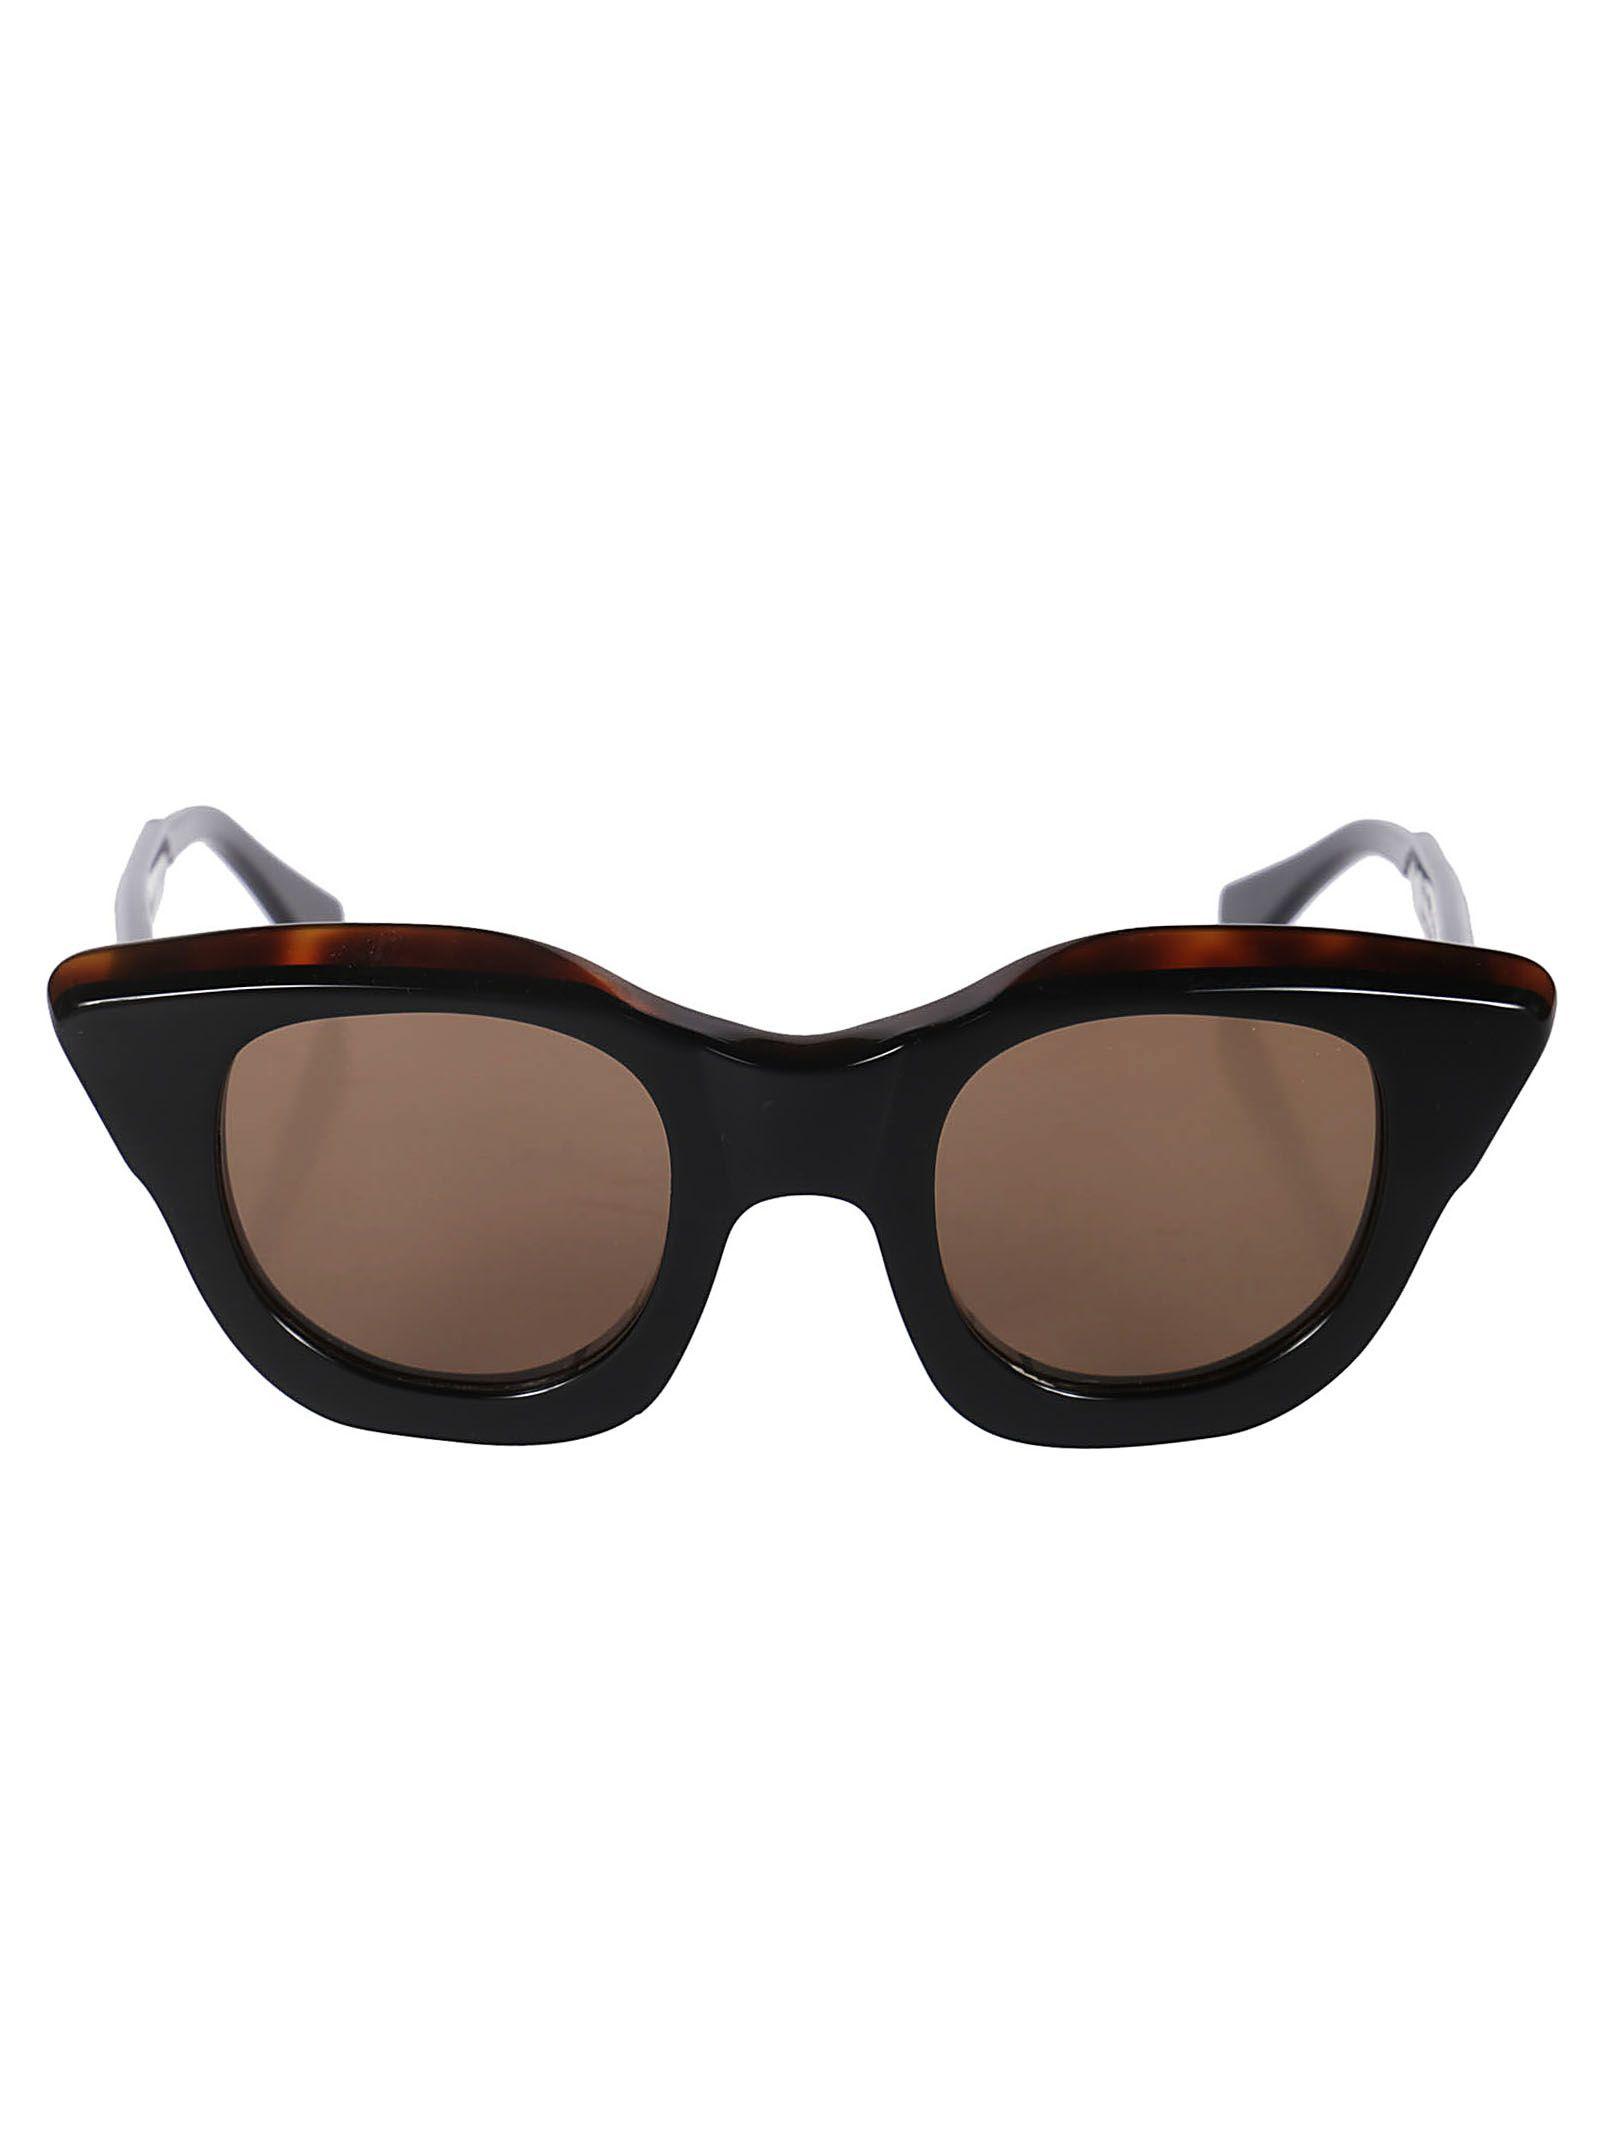 ojo gato de con Kuboraum de Hbs en marrón Gafas sol qCfIq